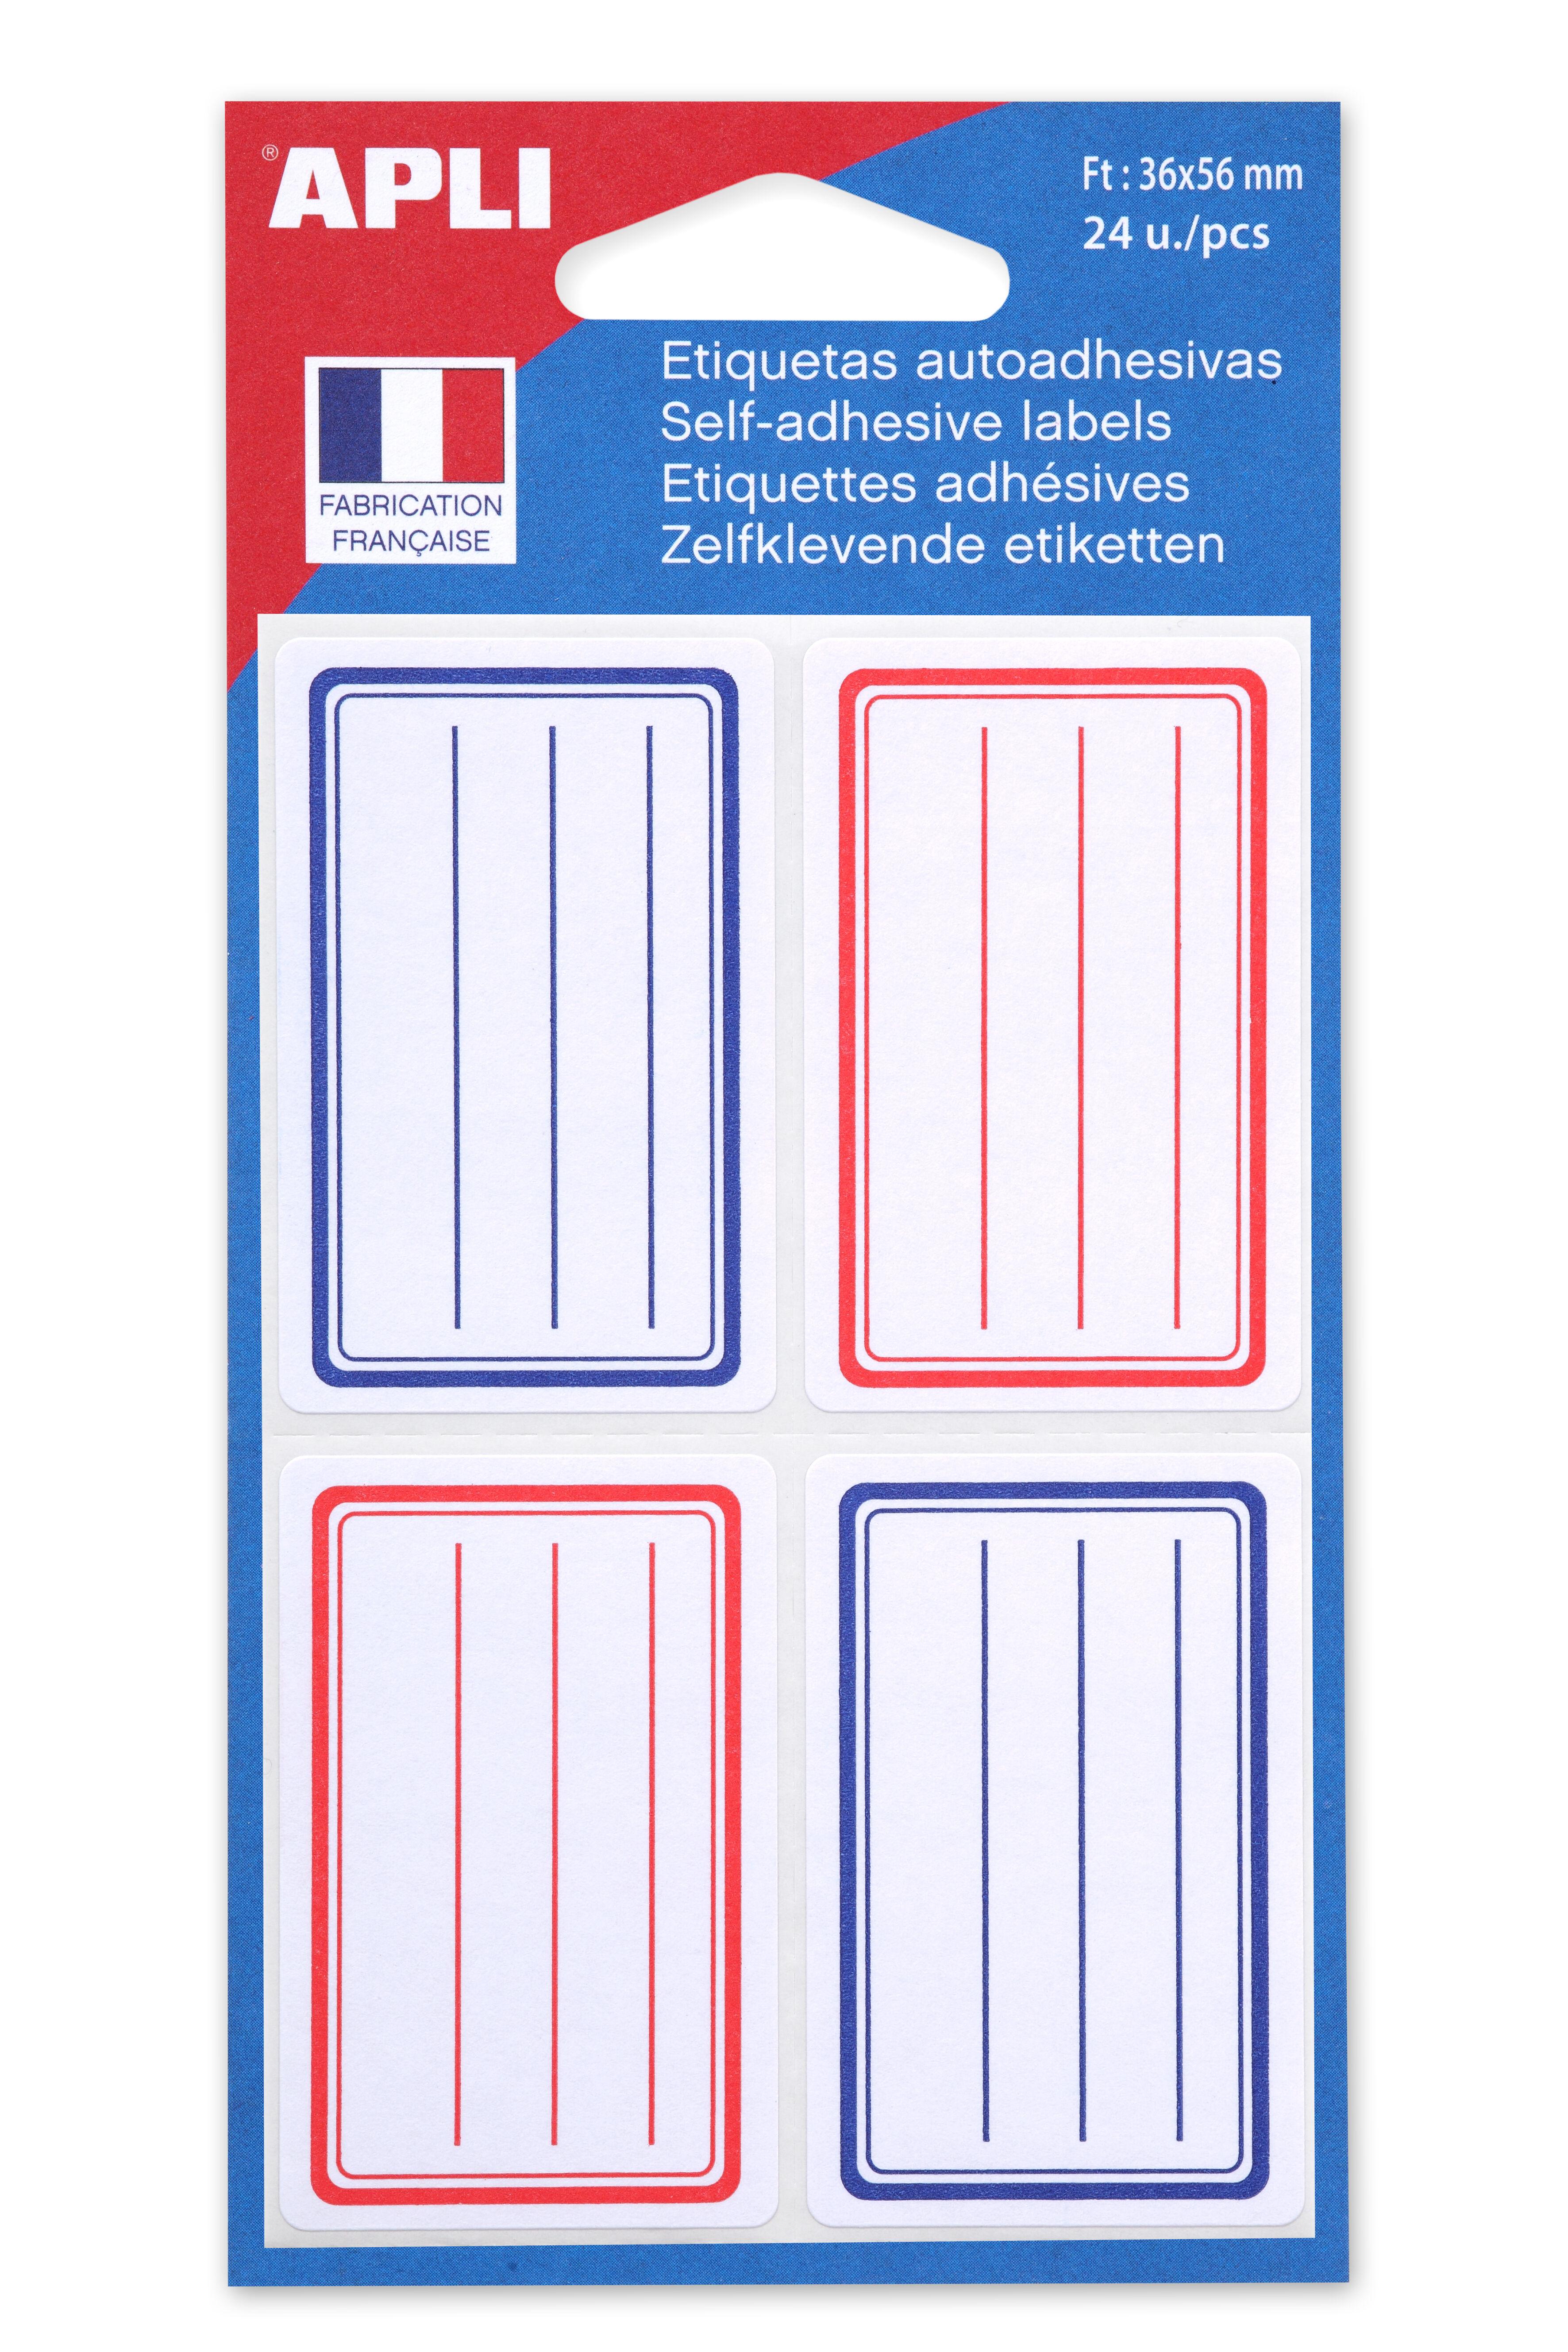 Apli - 24 Étiquettes scolaires cadre et lignes bleus, rouges - 36 x 56 mm - réf 11278